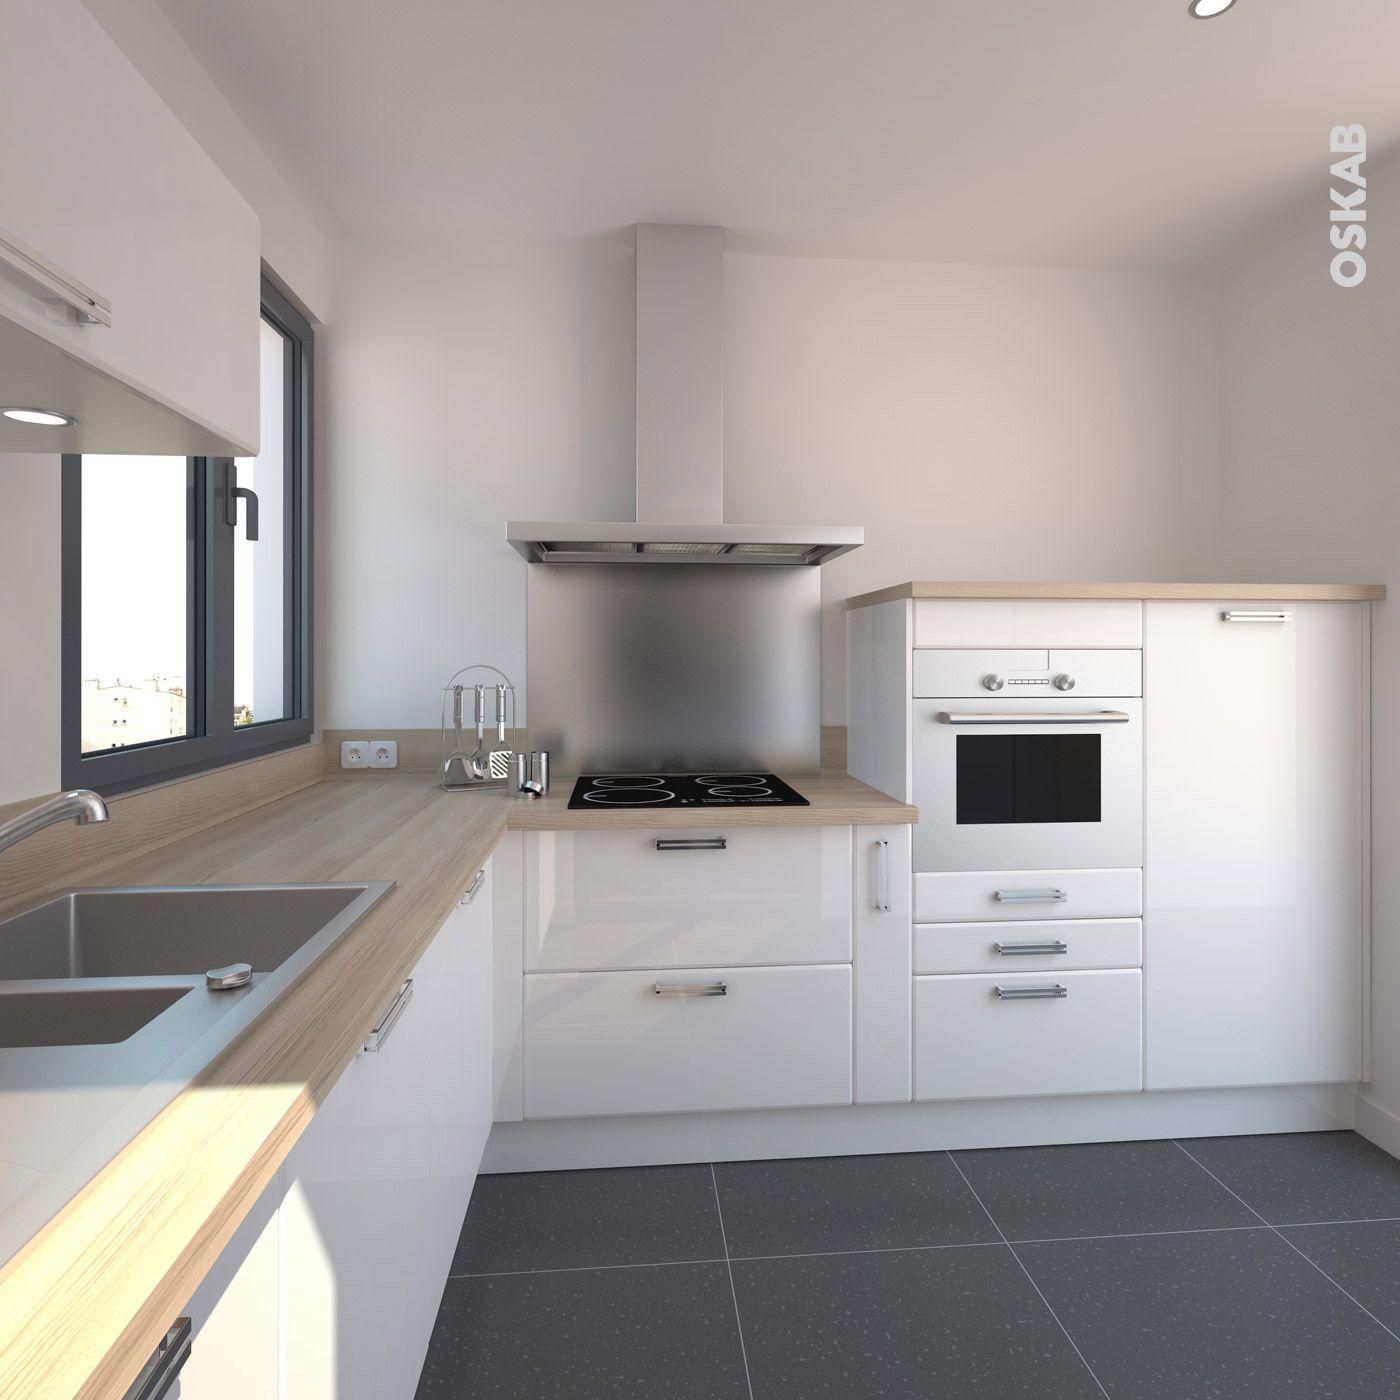 Plan De Travail Coulissant cuisine blanche design meuble iris blanc brillant | cuisines